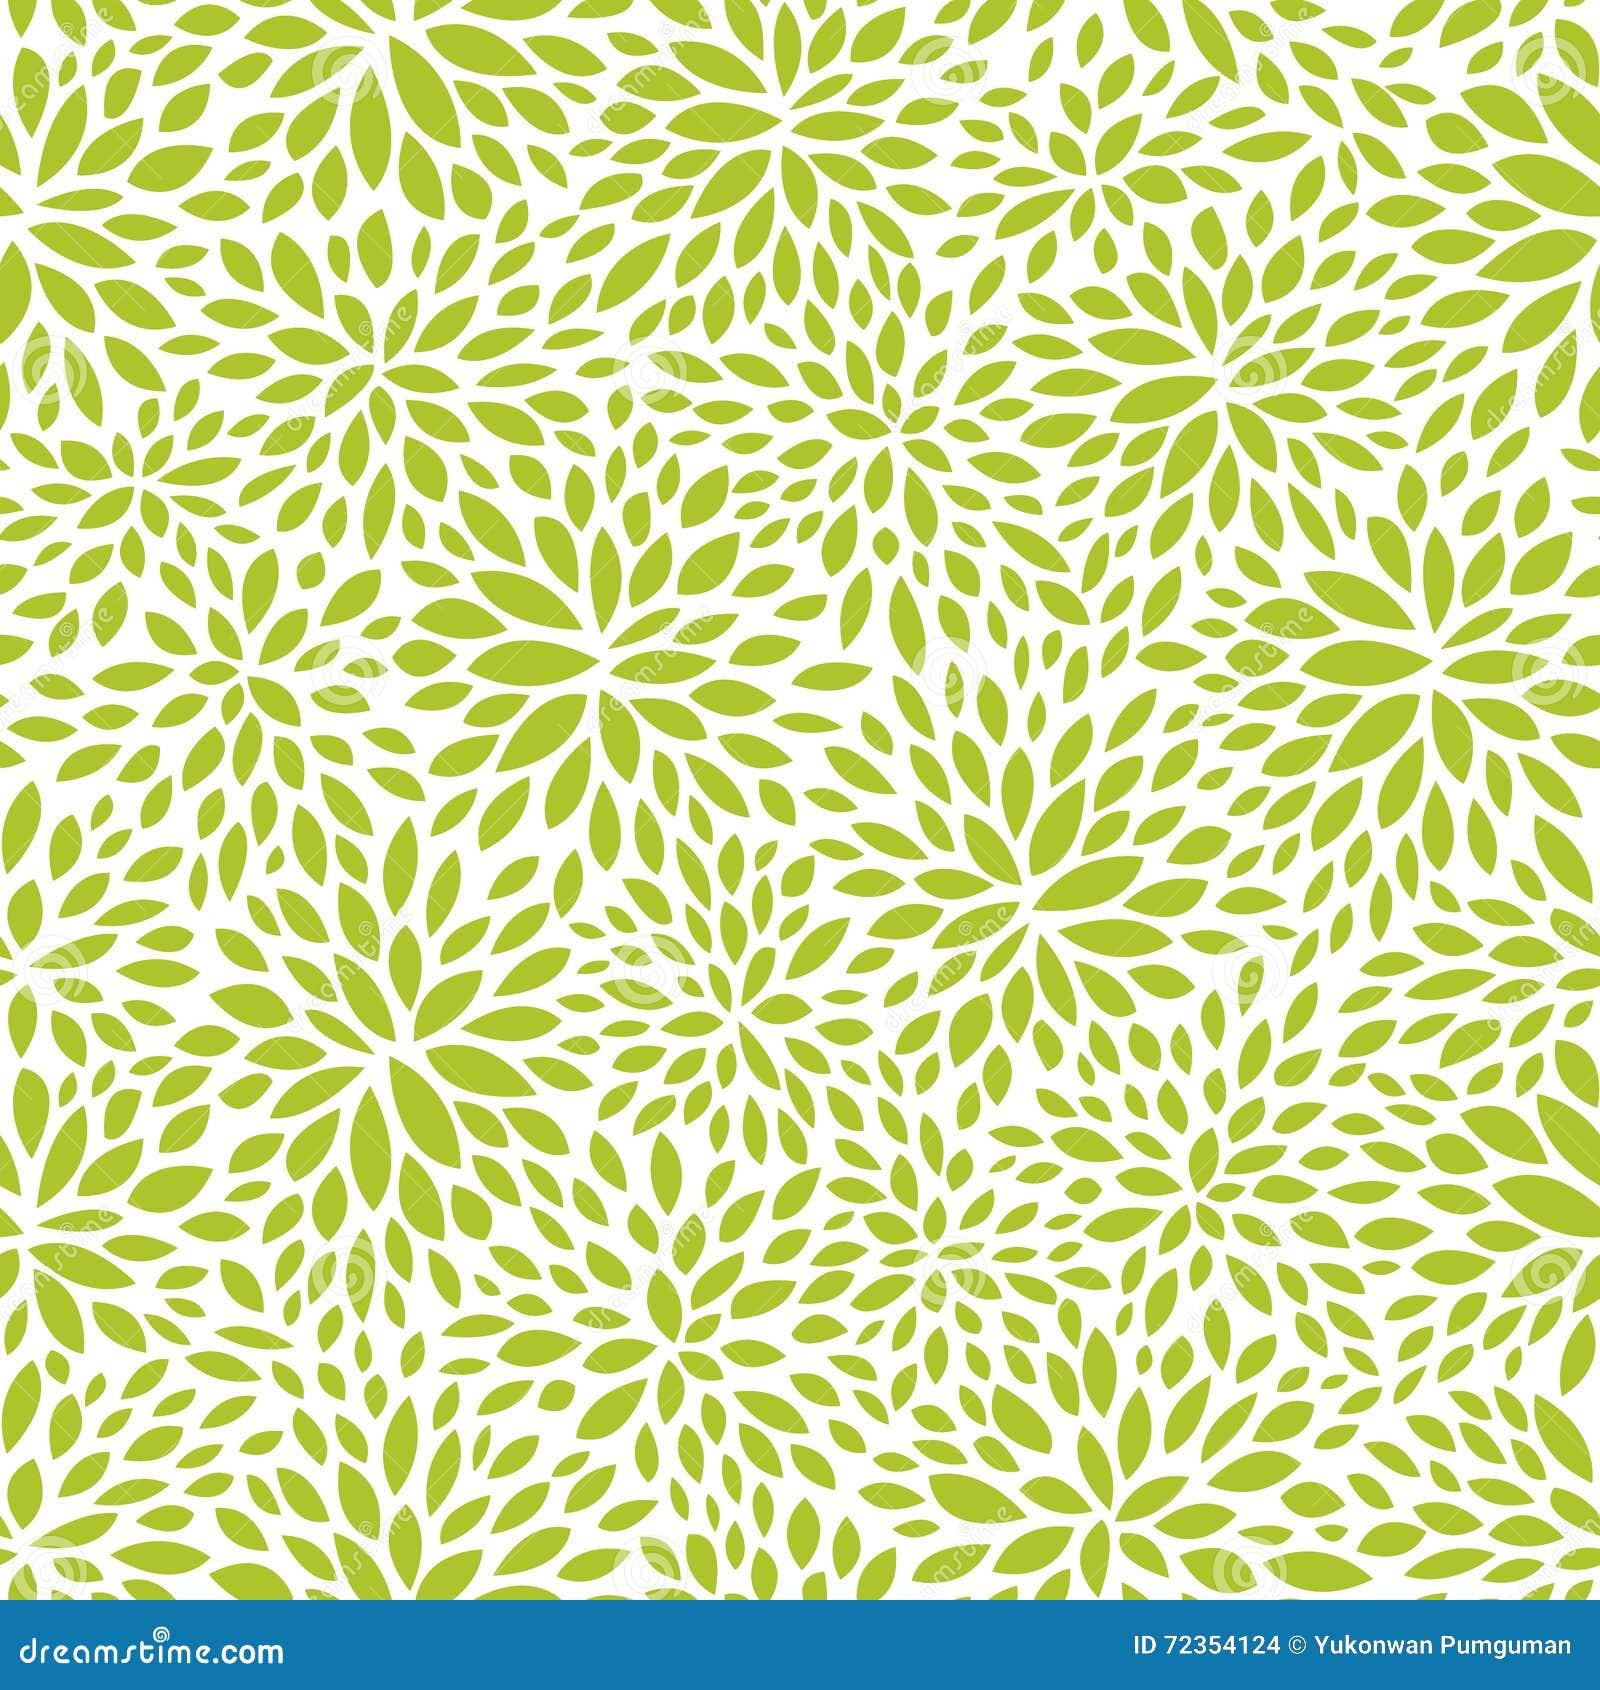 无缝的抽象绿色叶子样式,叶子传染媒介